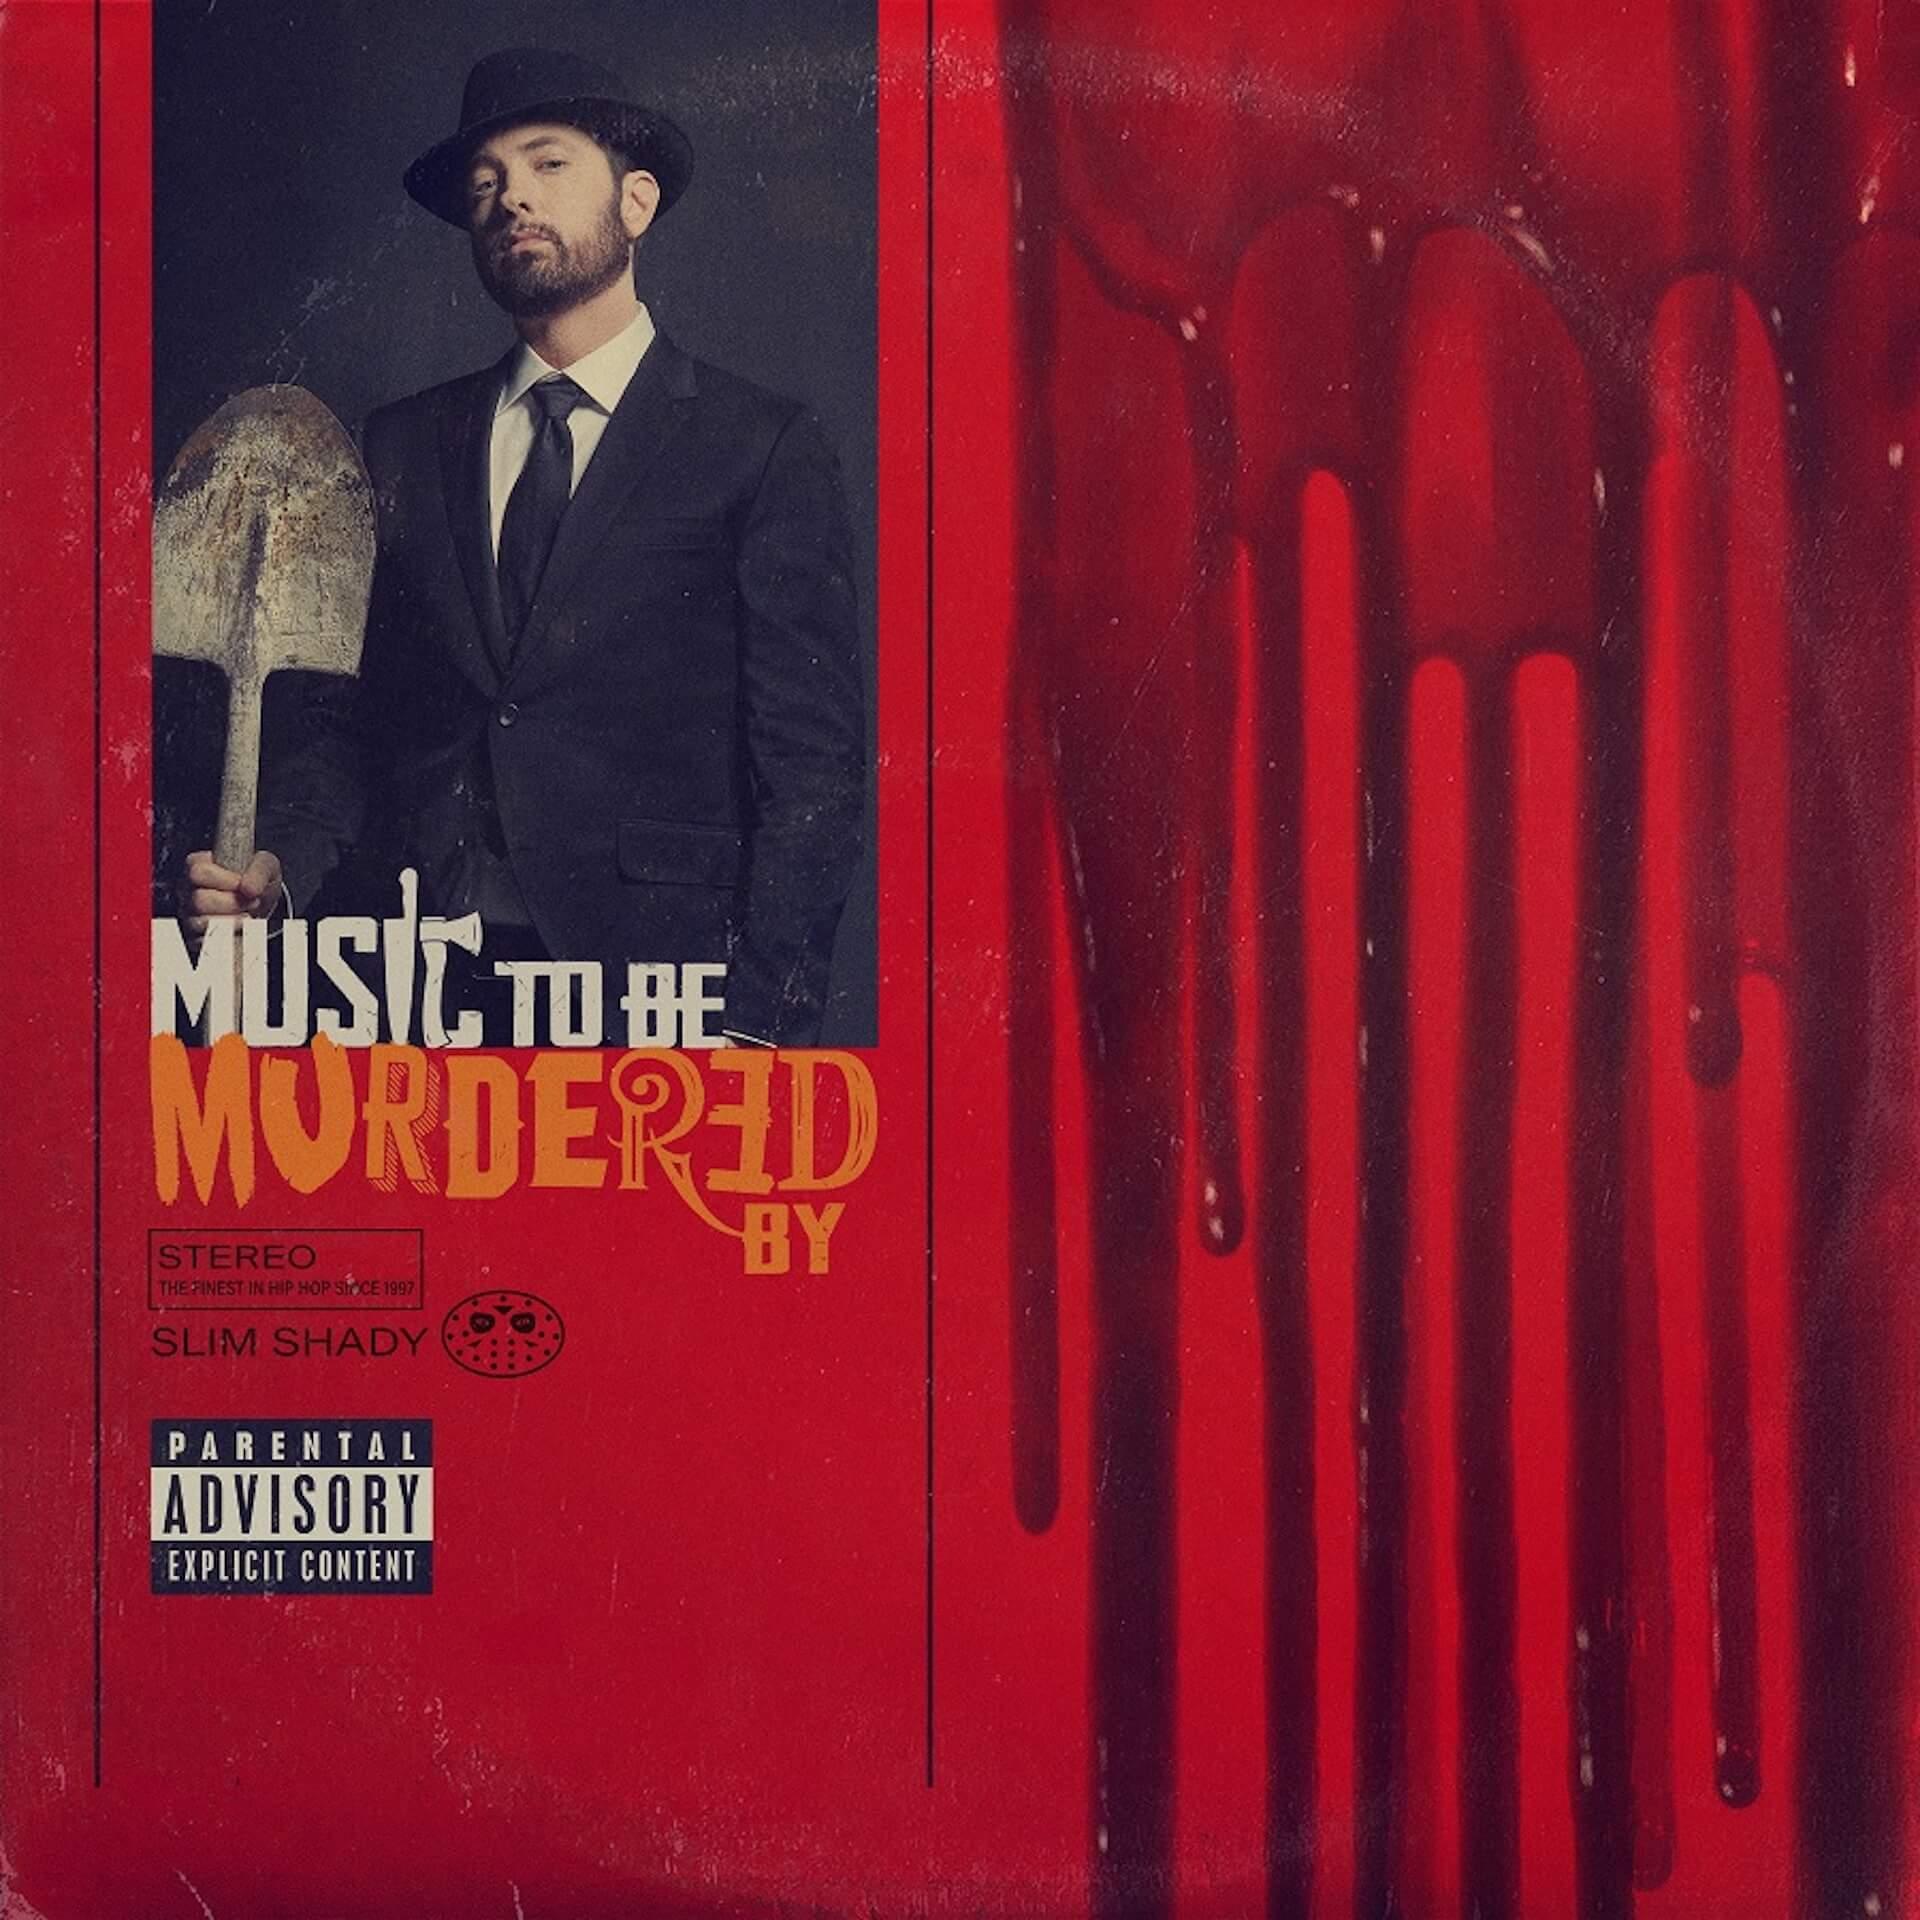 エミネム、新作『Music To Be Murdered By』をサプライズリリース!アンダーソン・パーク、ジュース・ワールドら豪華ゲストが参加 music200117_eminem_album_2